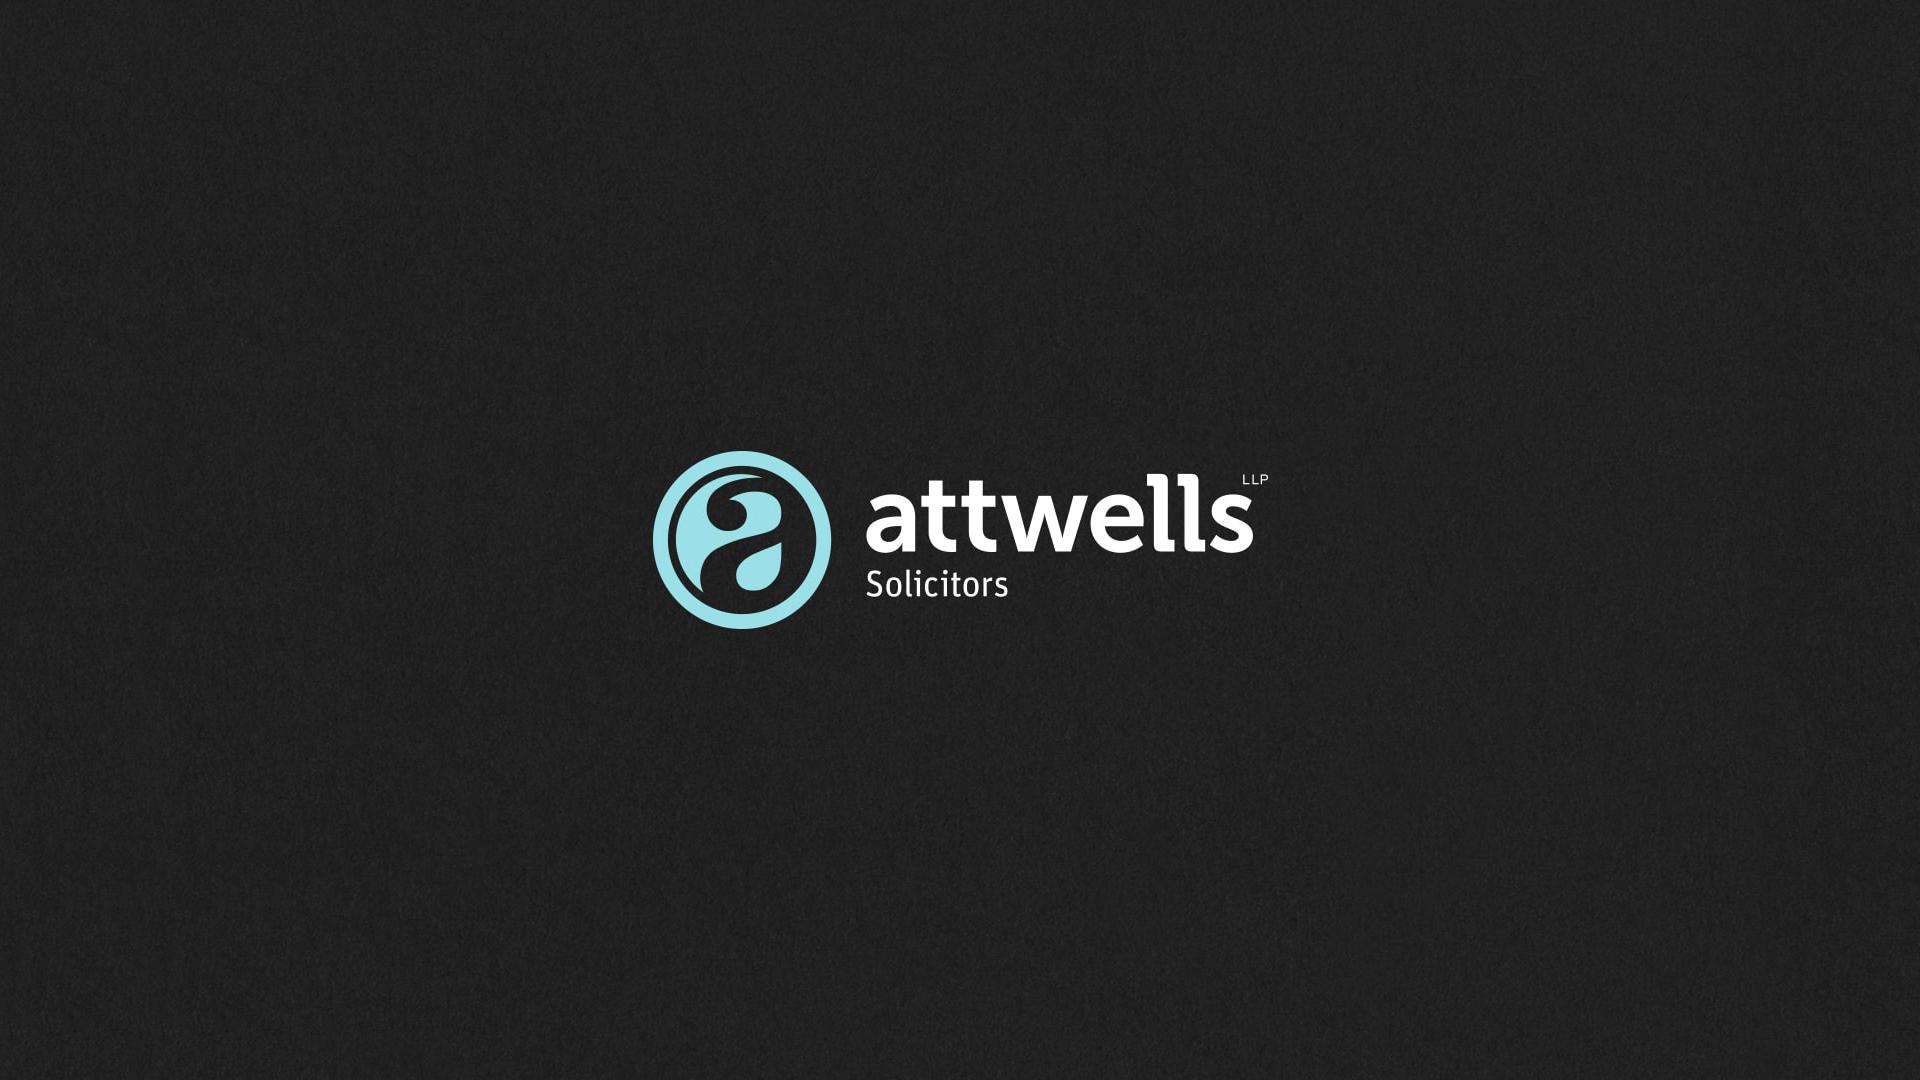 Attwells brand identity